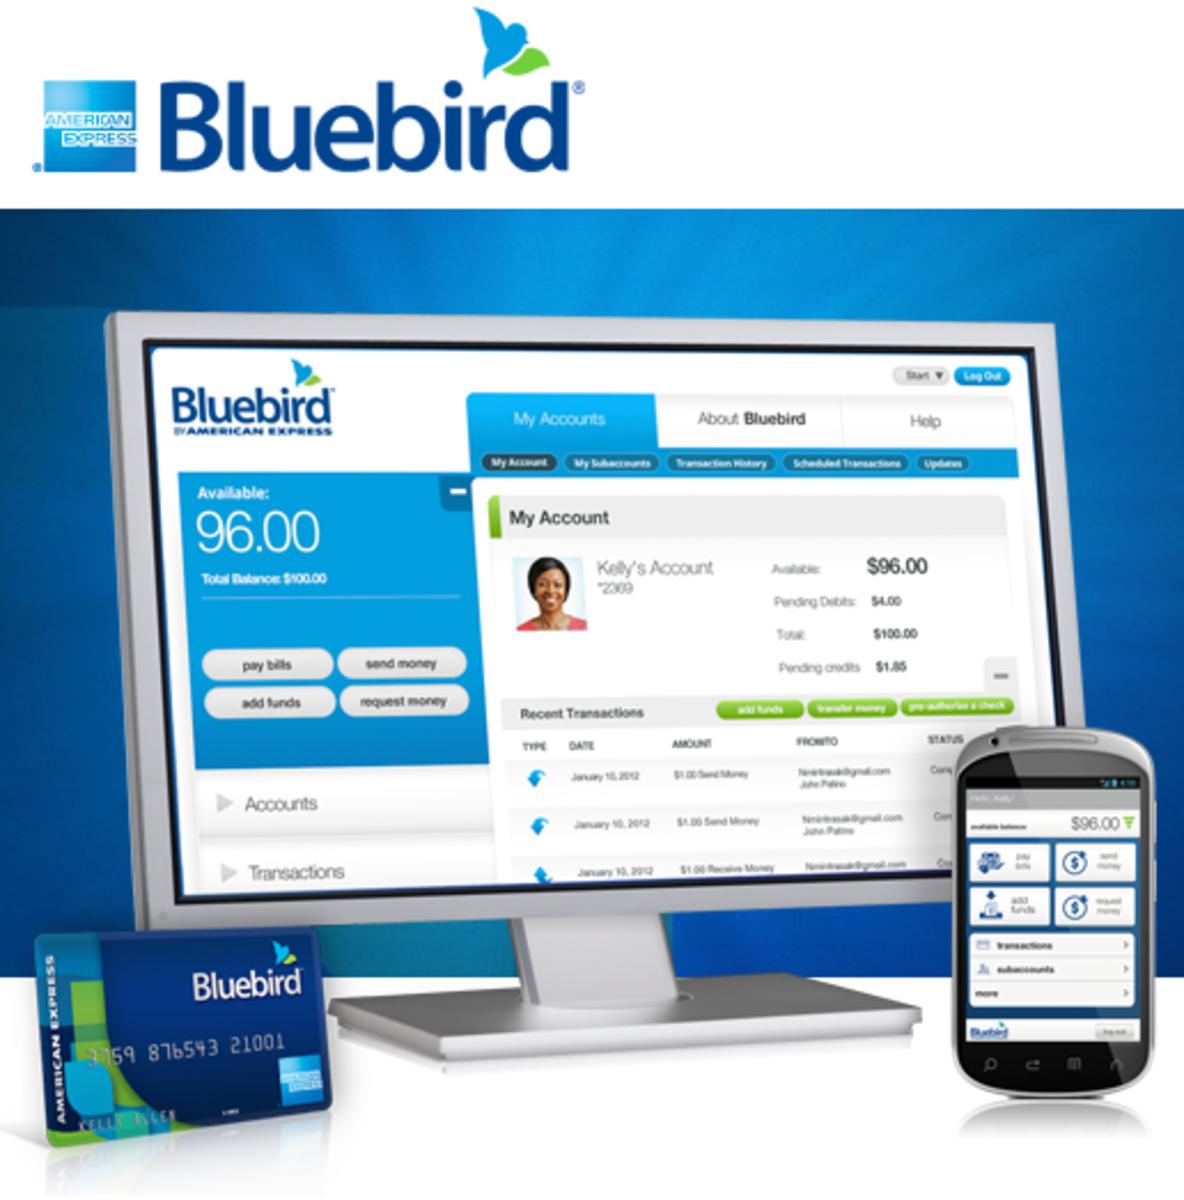 Bluebird Survey, American Express, Walmart